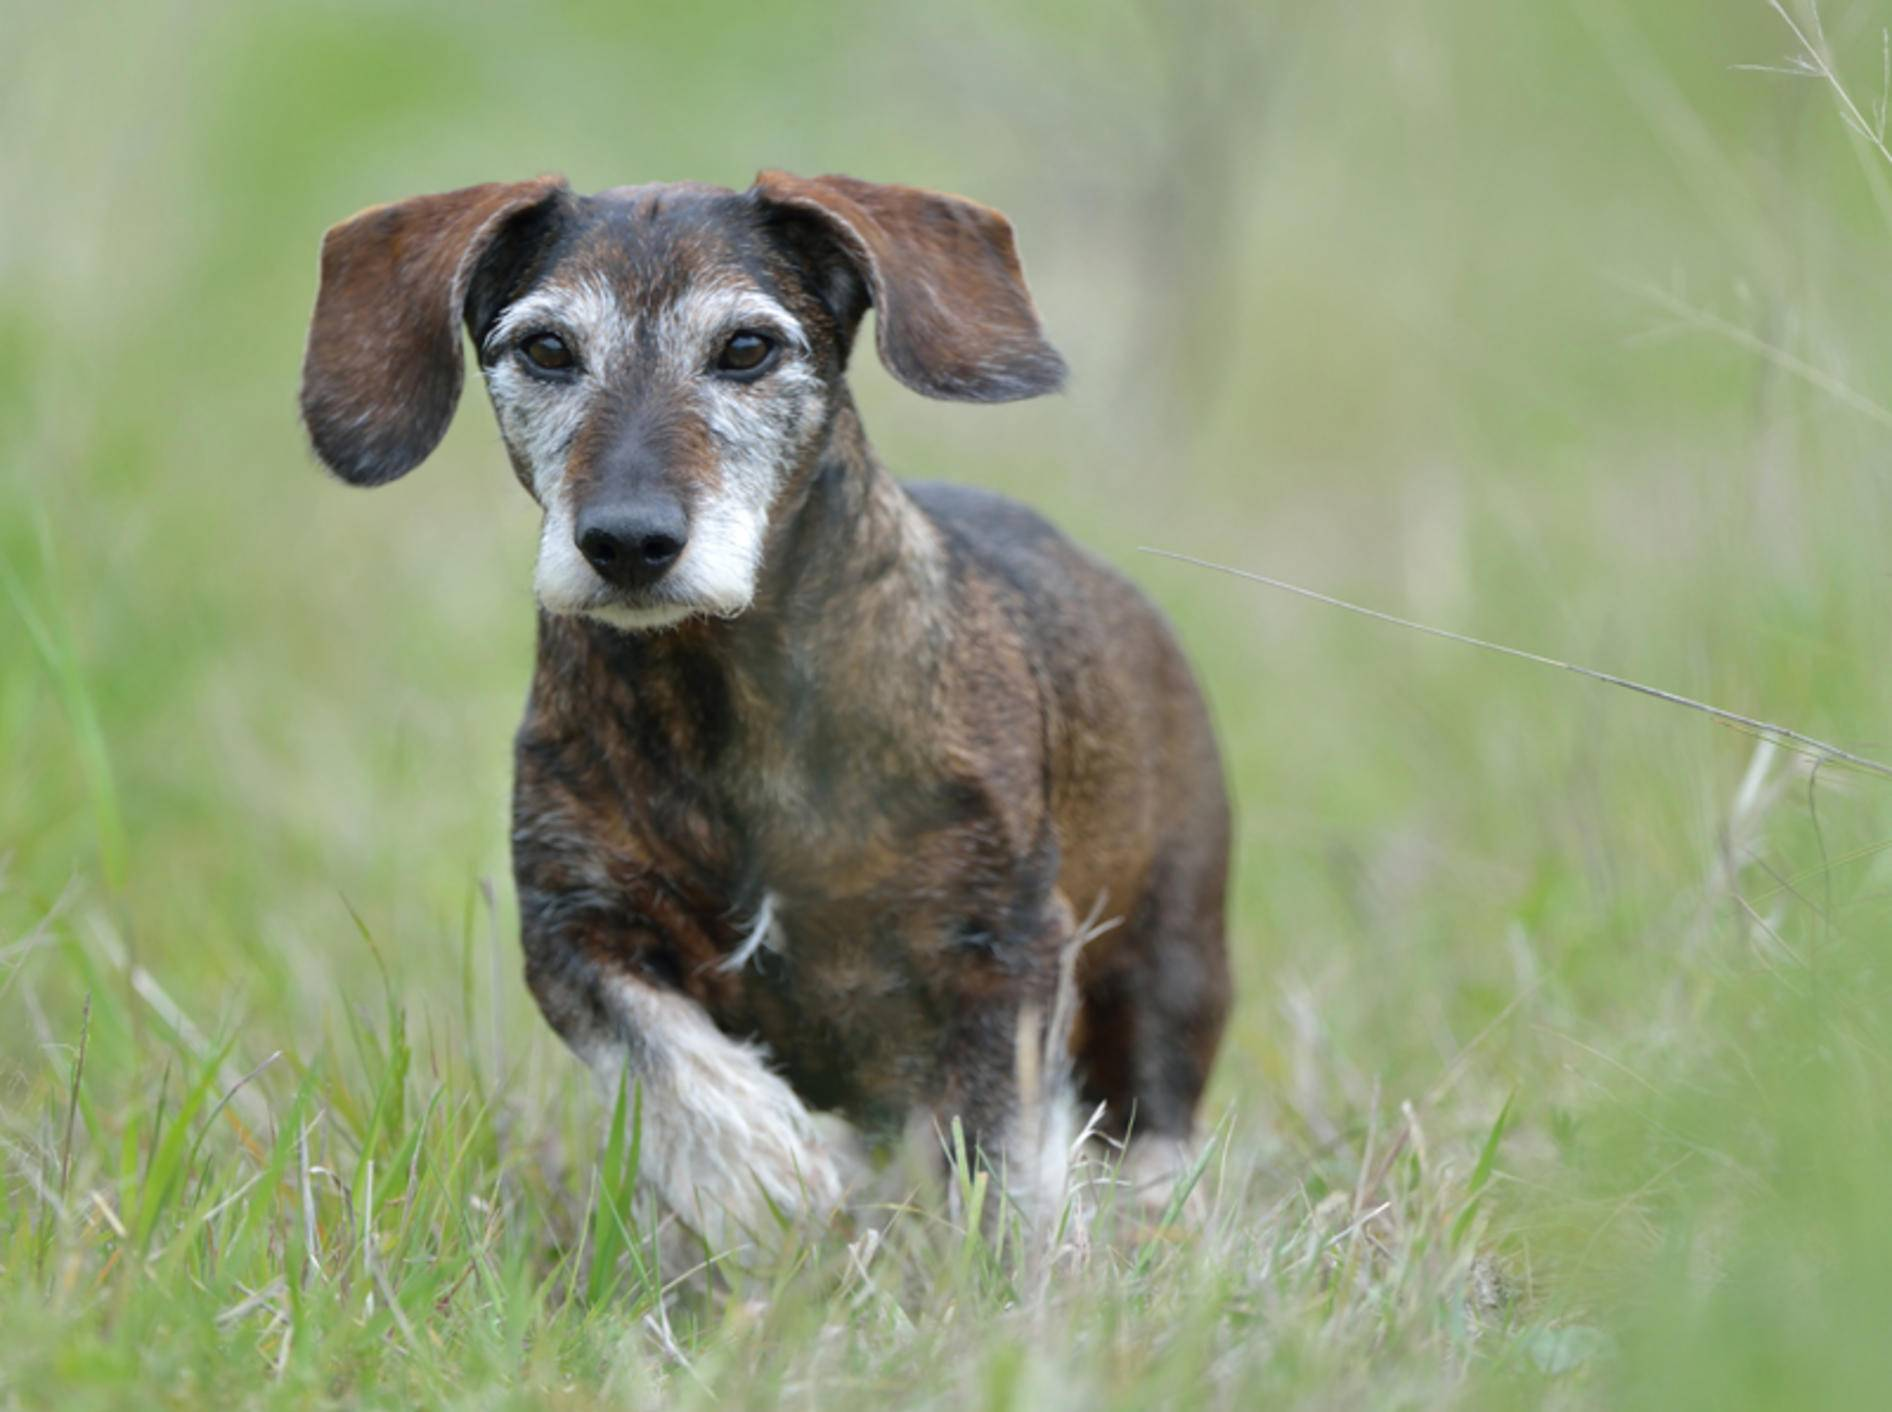 Kleine Hunde wie der Dackel haben meist eine höhere Lebenserwartung – Shutterstock / Sabine Schmidt